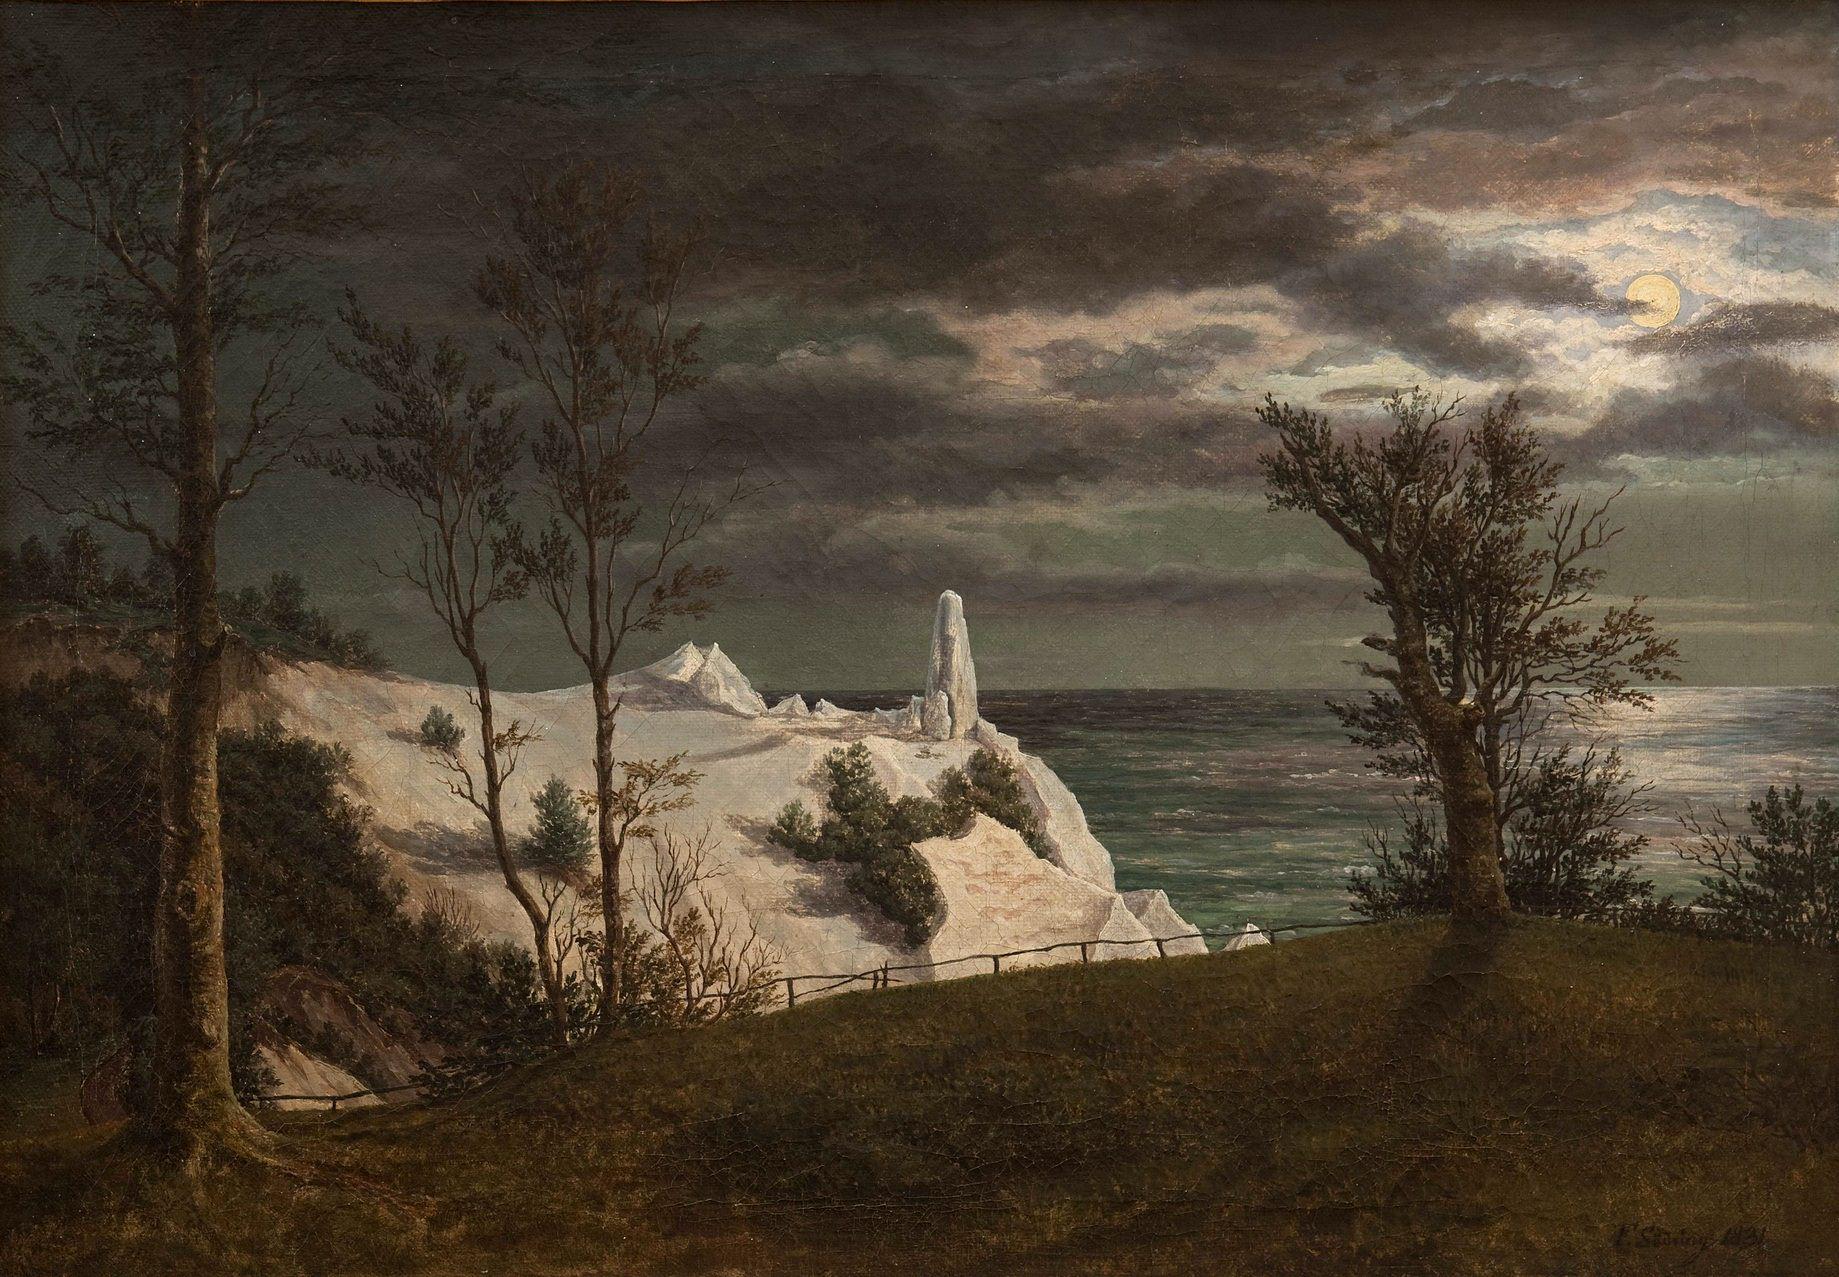 """Сёдринг, Фредерик (1809-62) - """"Летний шпиль"""" на меловых скалах острова Мён в лунном свете 1831. Копенгаген, Датская национальная галерея"""